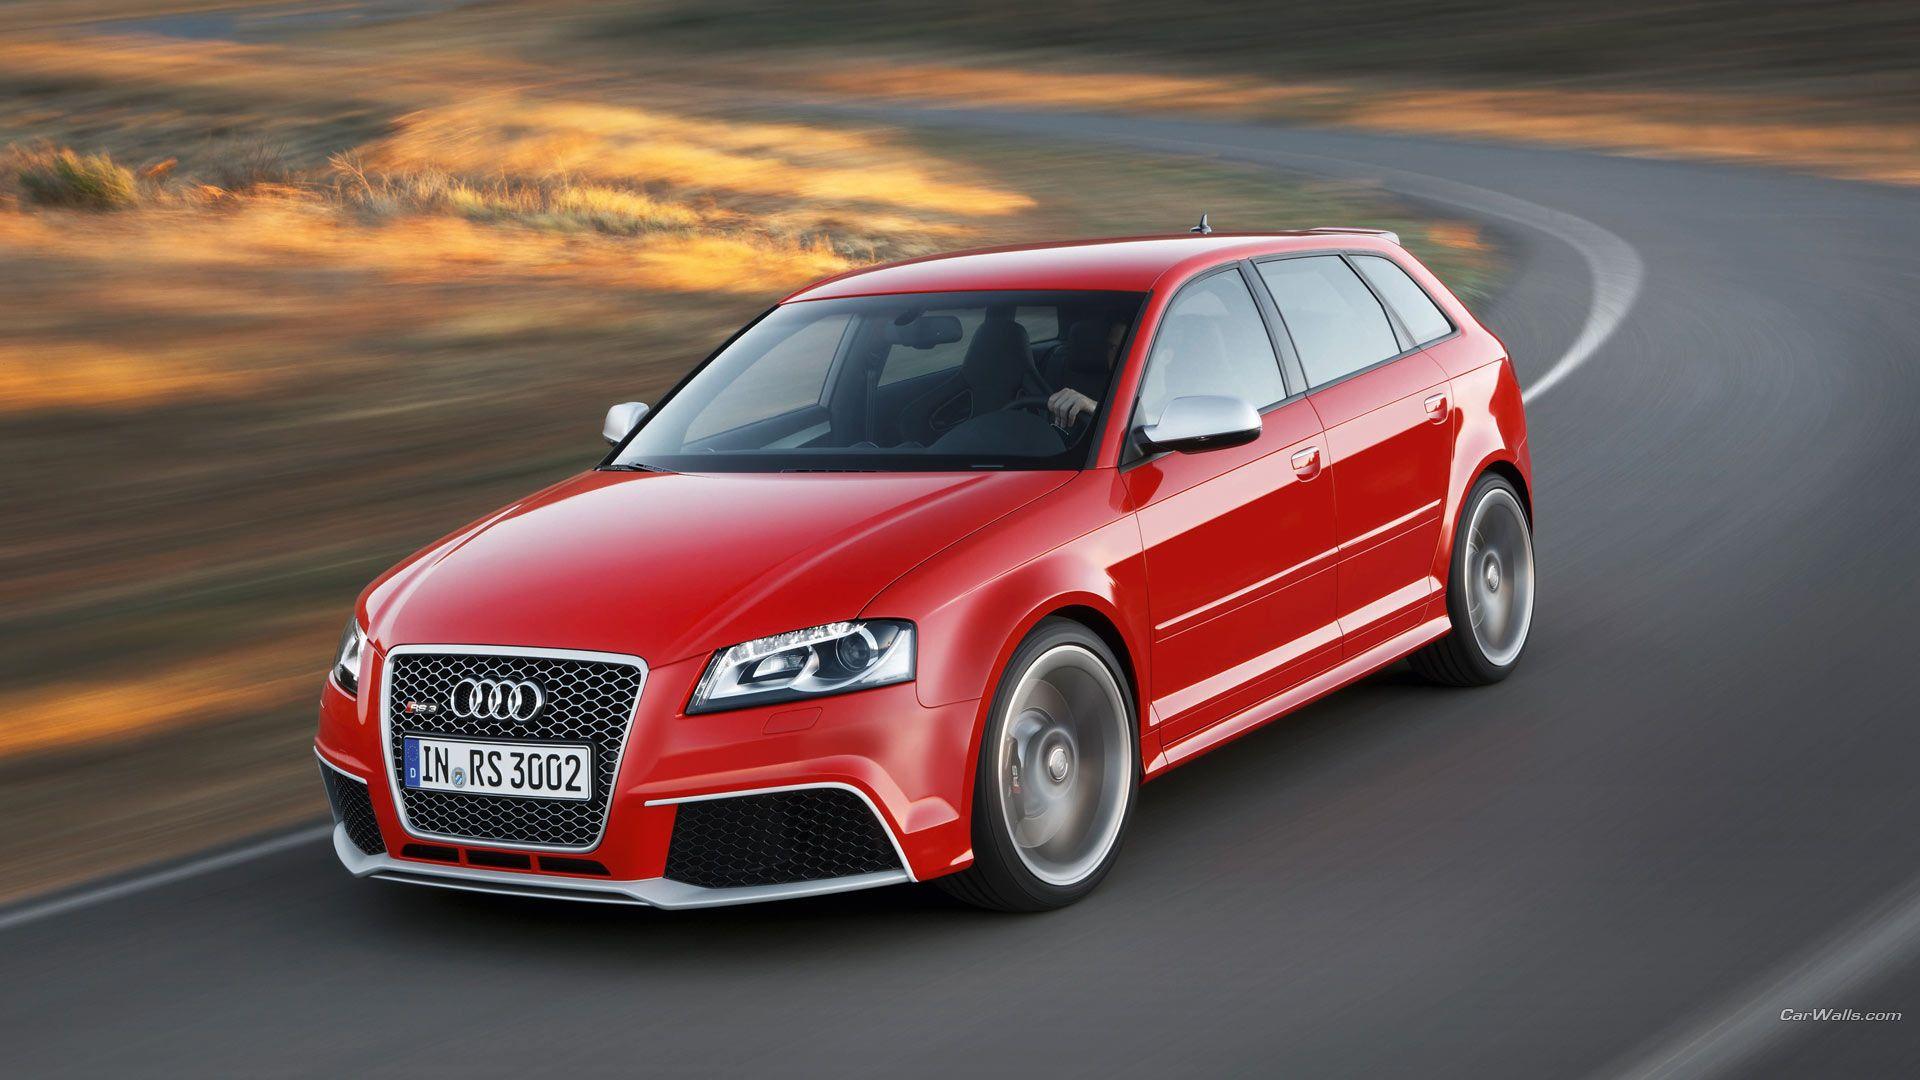 Audi audi rs3 sportback